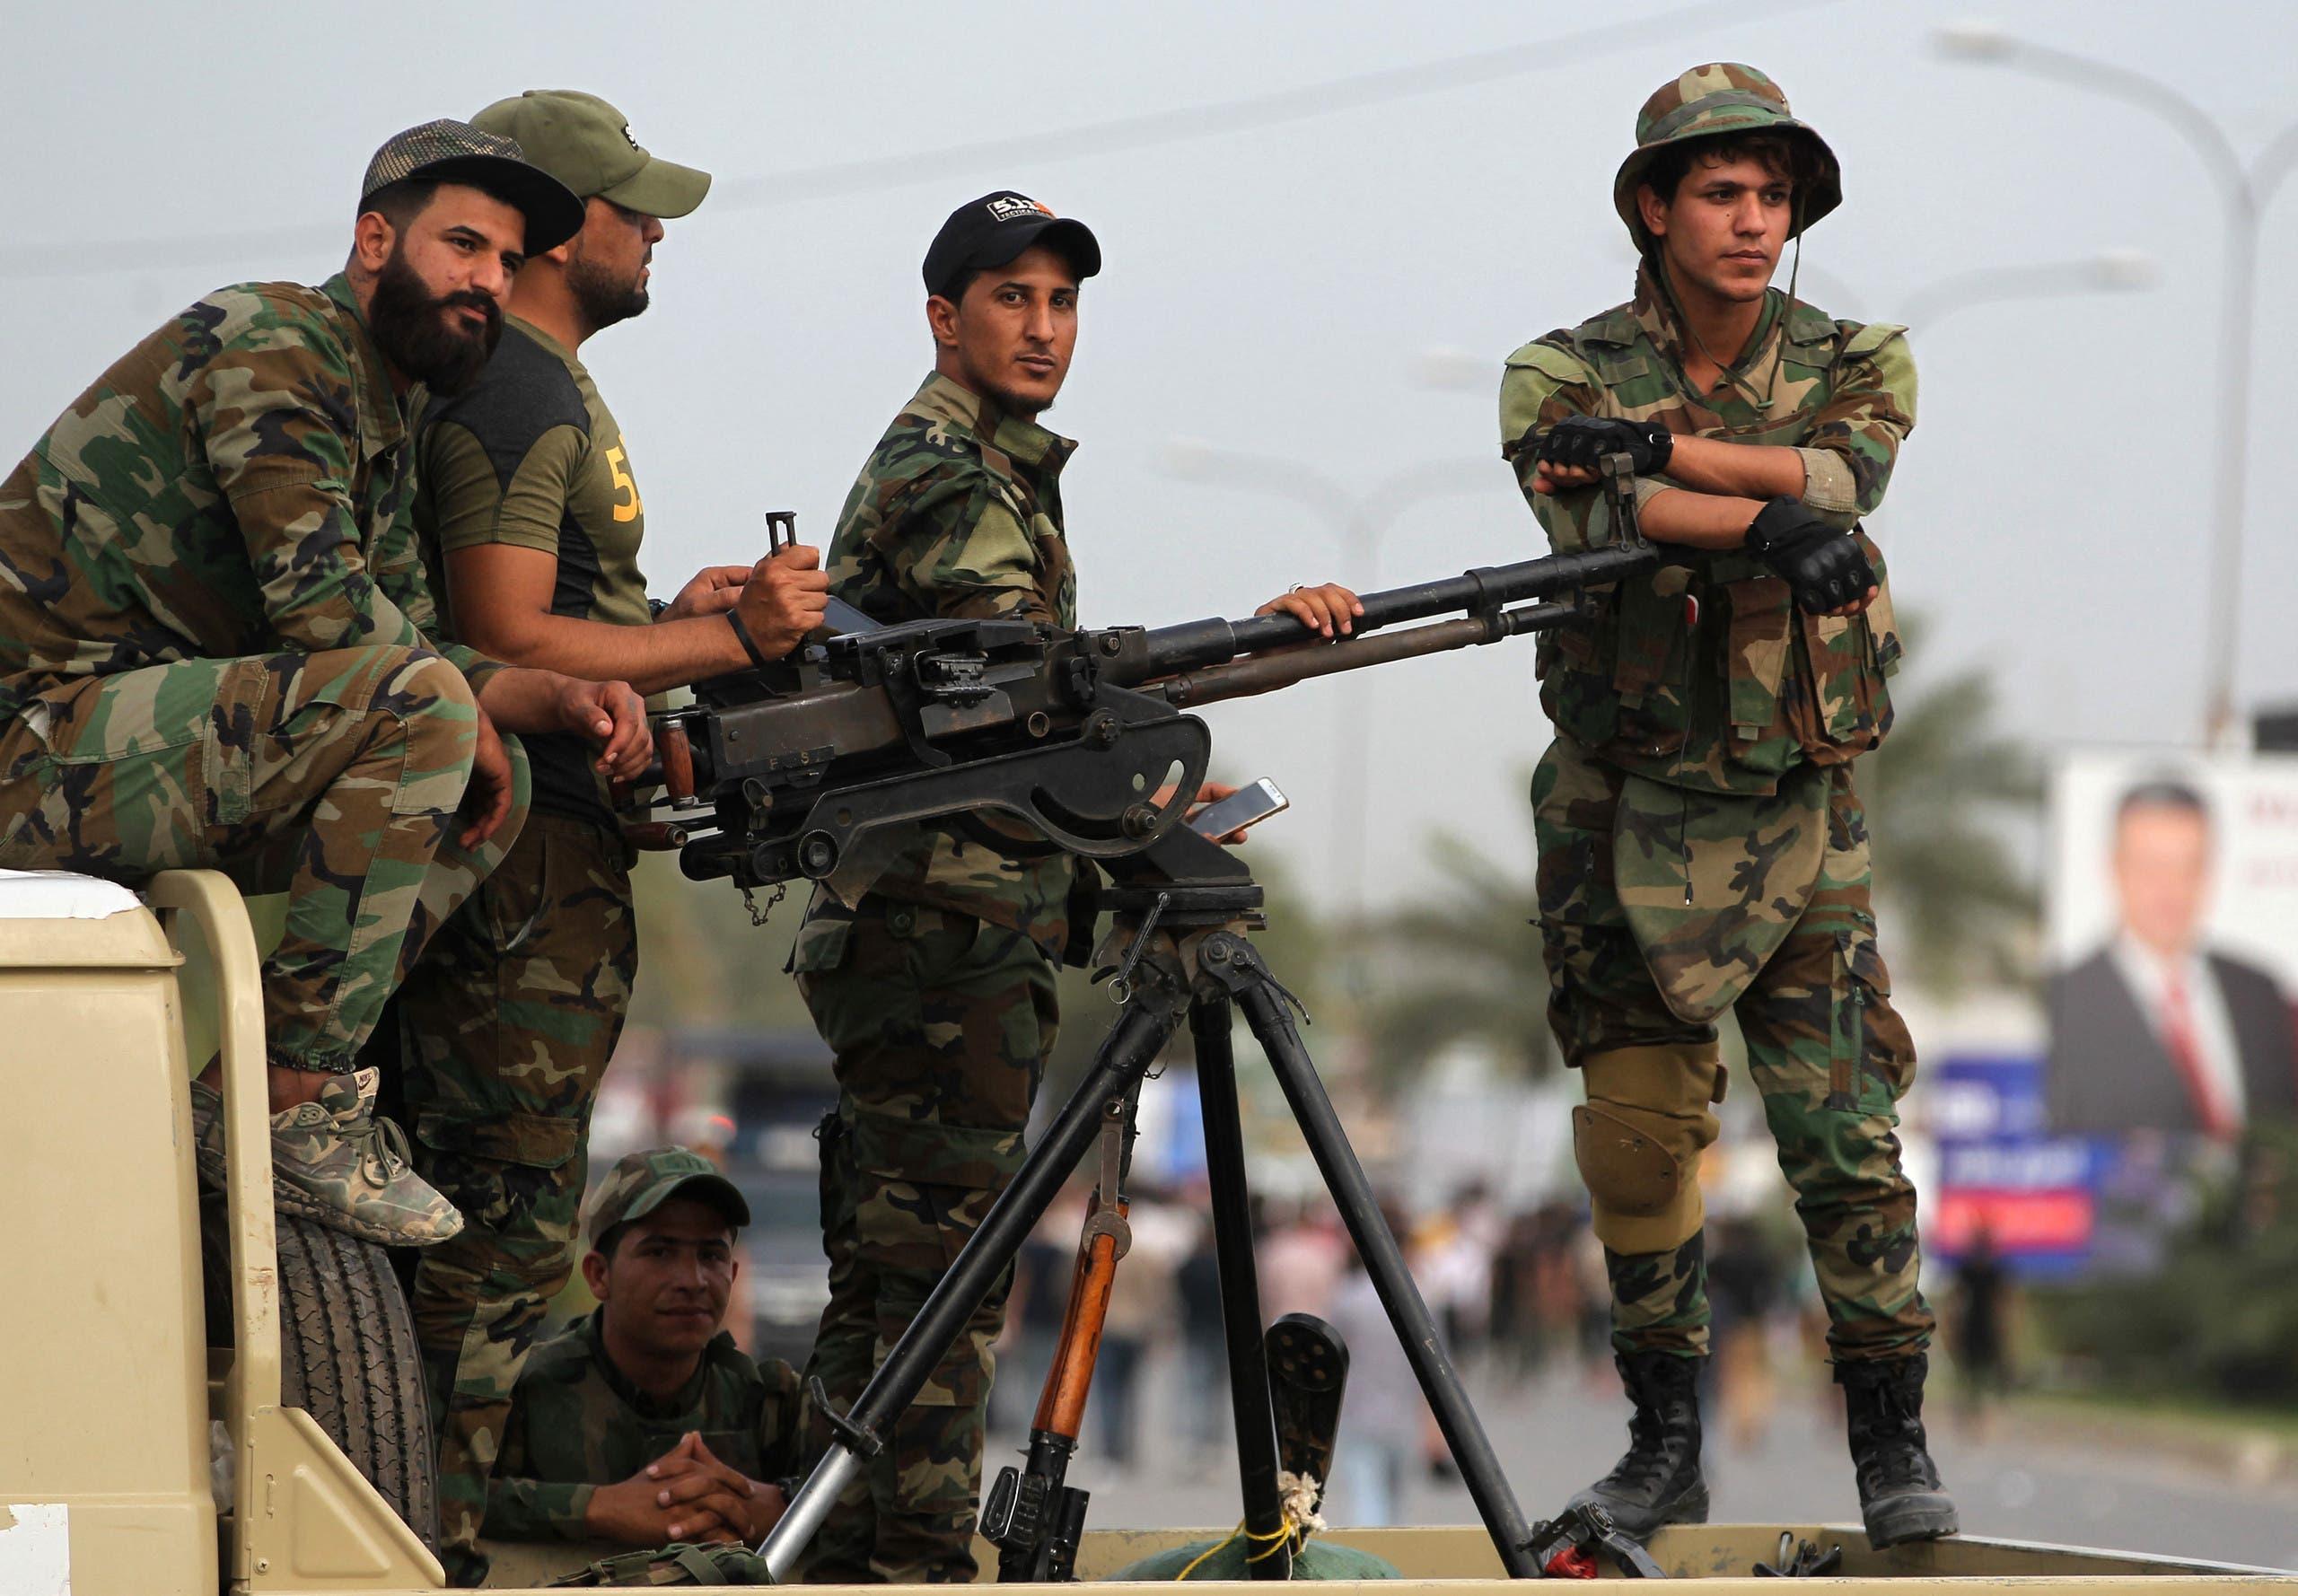 عناصر من فصائل وميليشيات الحشد في العراق (أرشيفية- فرانس برس)